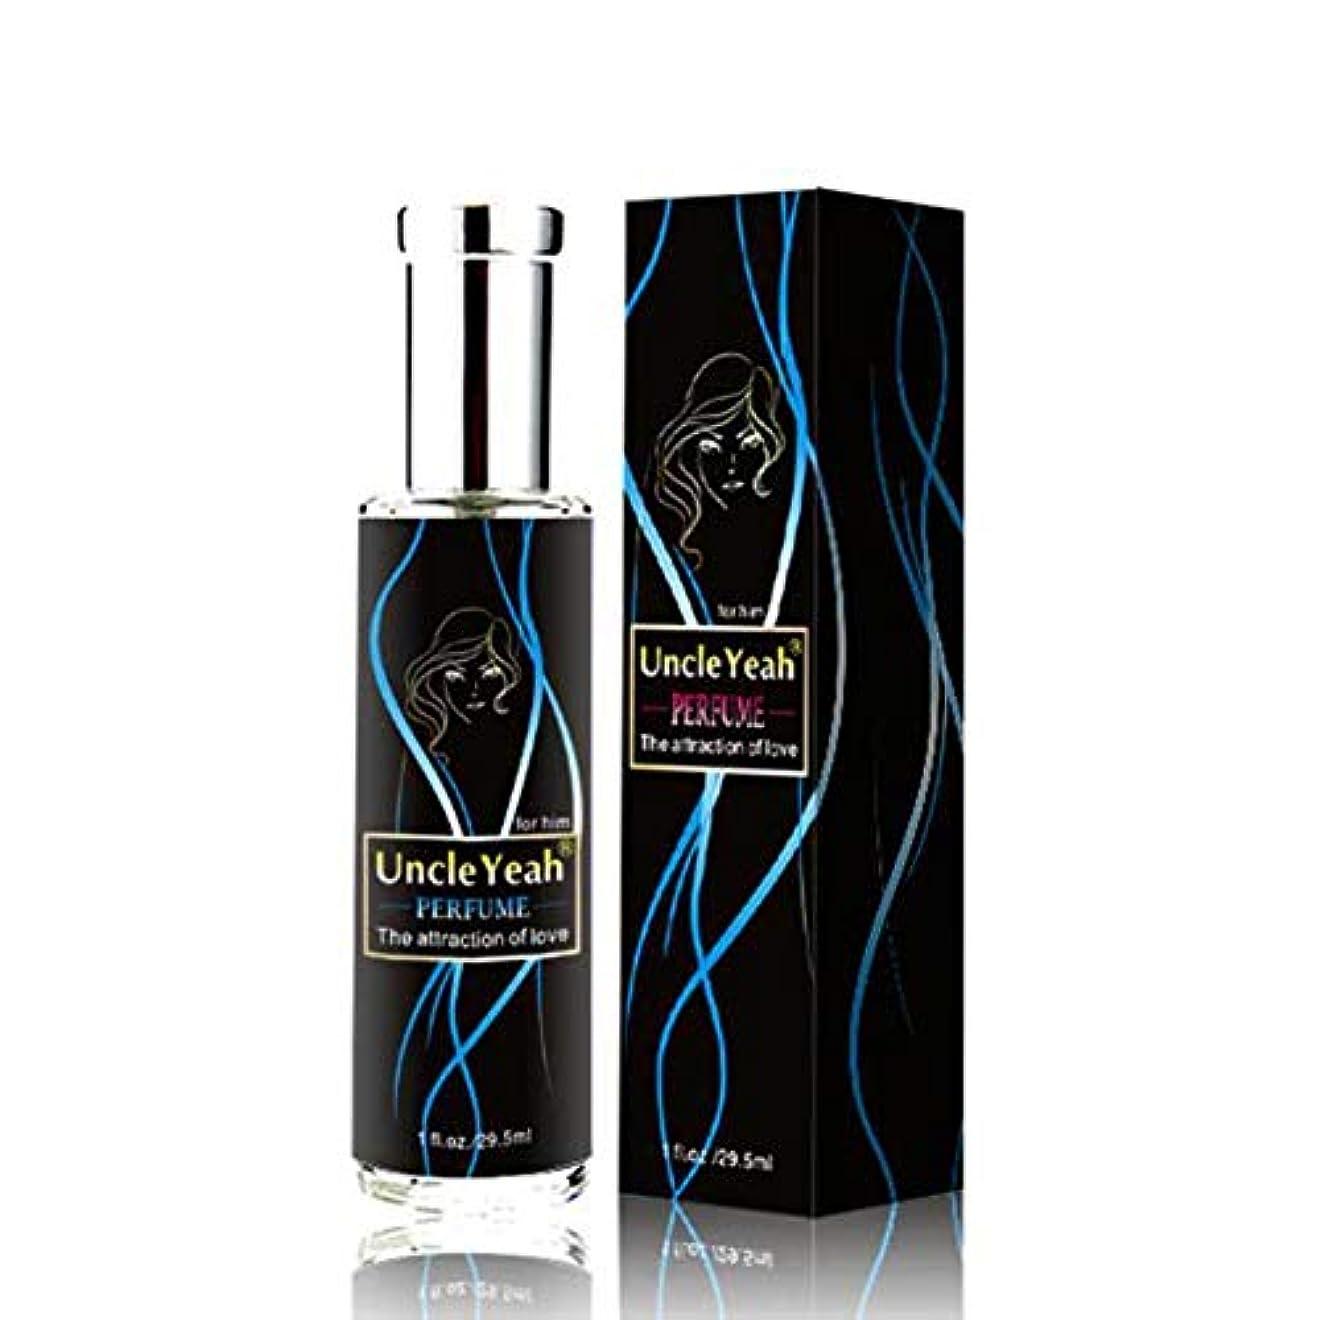 ビデオ増幅する鯨Moresave 男性用フェロモン香水 魅力をアップ 女性にもてる